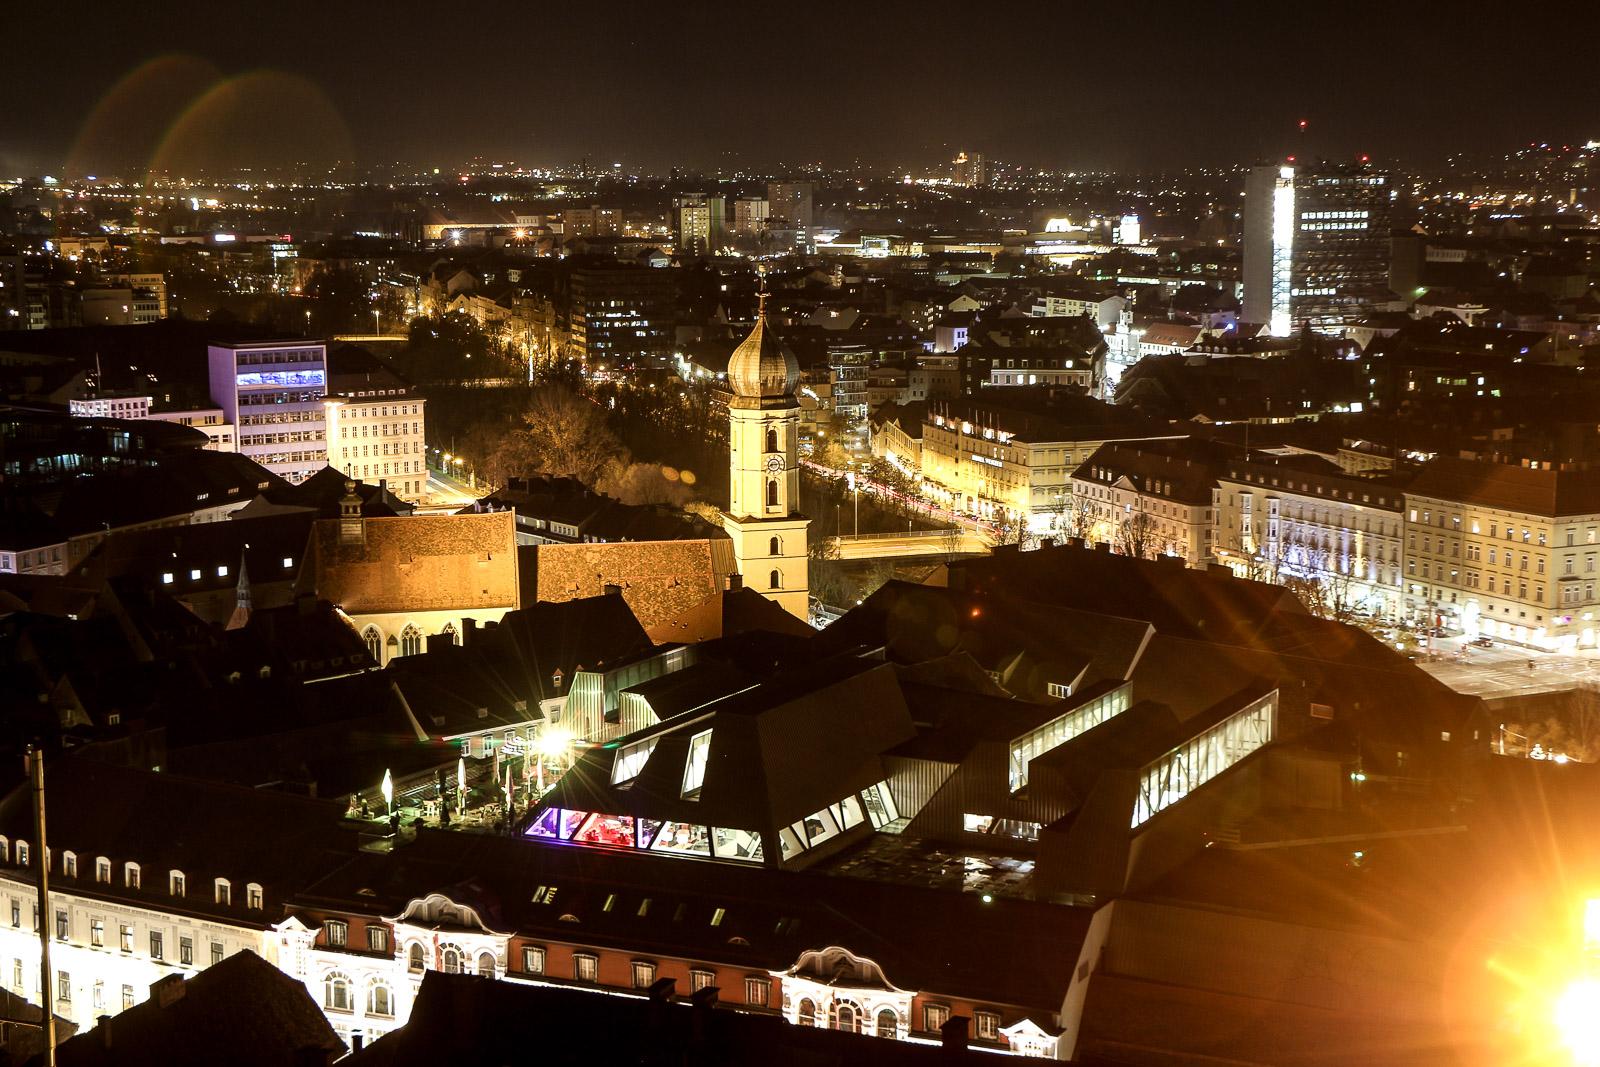 LIFESTYLE Adventszeit in Graz - Weihnachtsmärkte, Miss Classy, Lifestyle Blog Graz, classy, Christkindlmarkt, Weihnachtsmarkt, Graz, Glühwein, Punsch, Advent in Graz